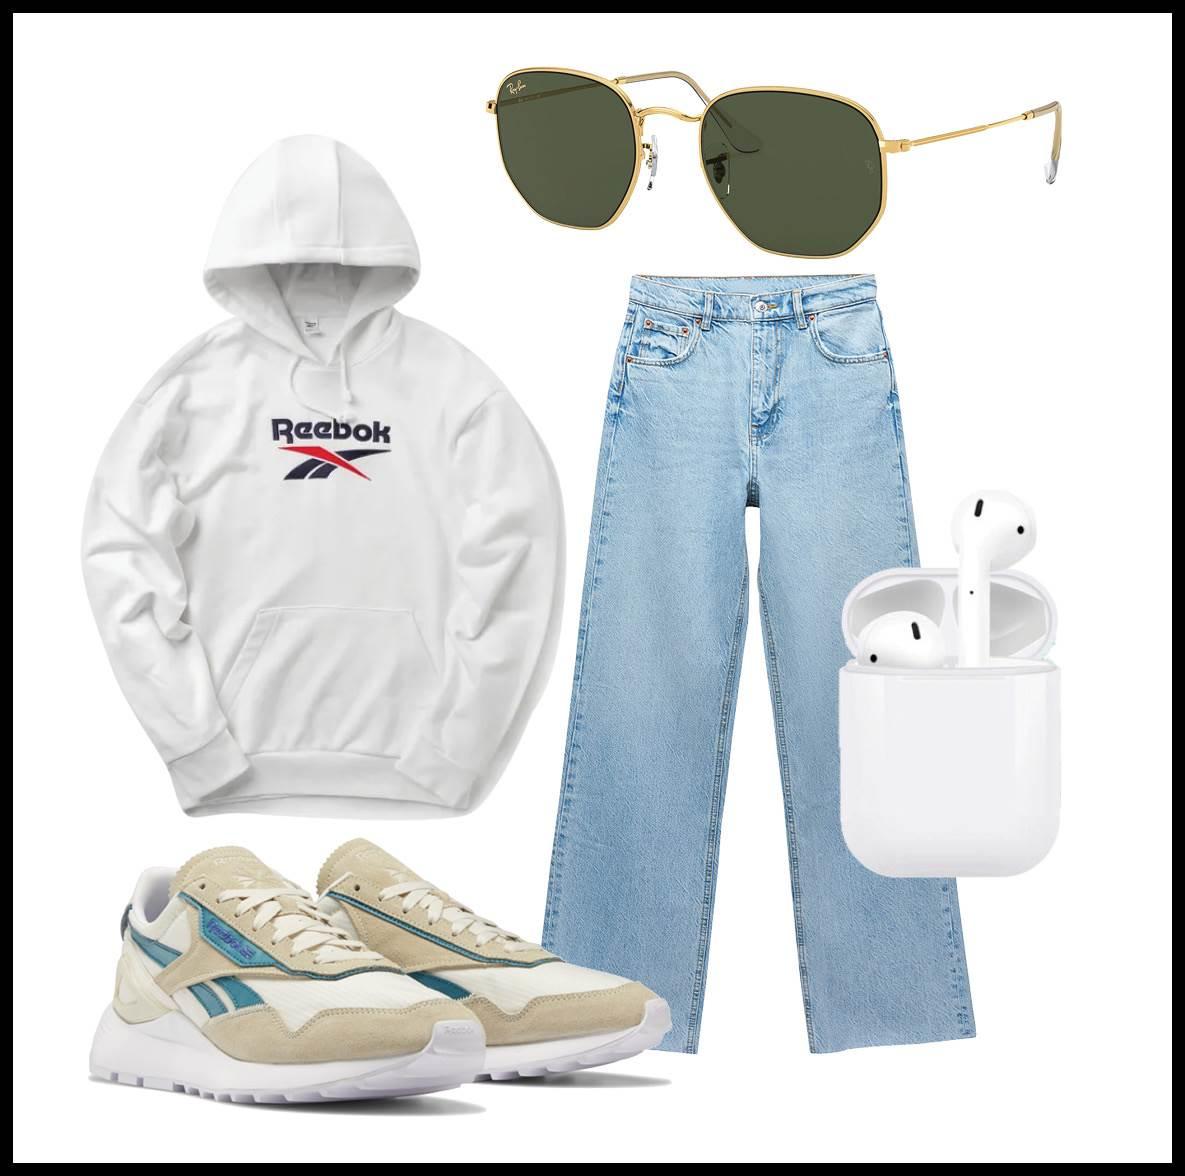 Što svaki zumer mora imati u ormaru? Reebok Classic Leather Legacy AZ tenisice, koje - uz dobre traperice i hoodicu - predstavljaju ultimativni look